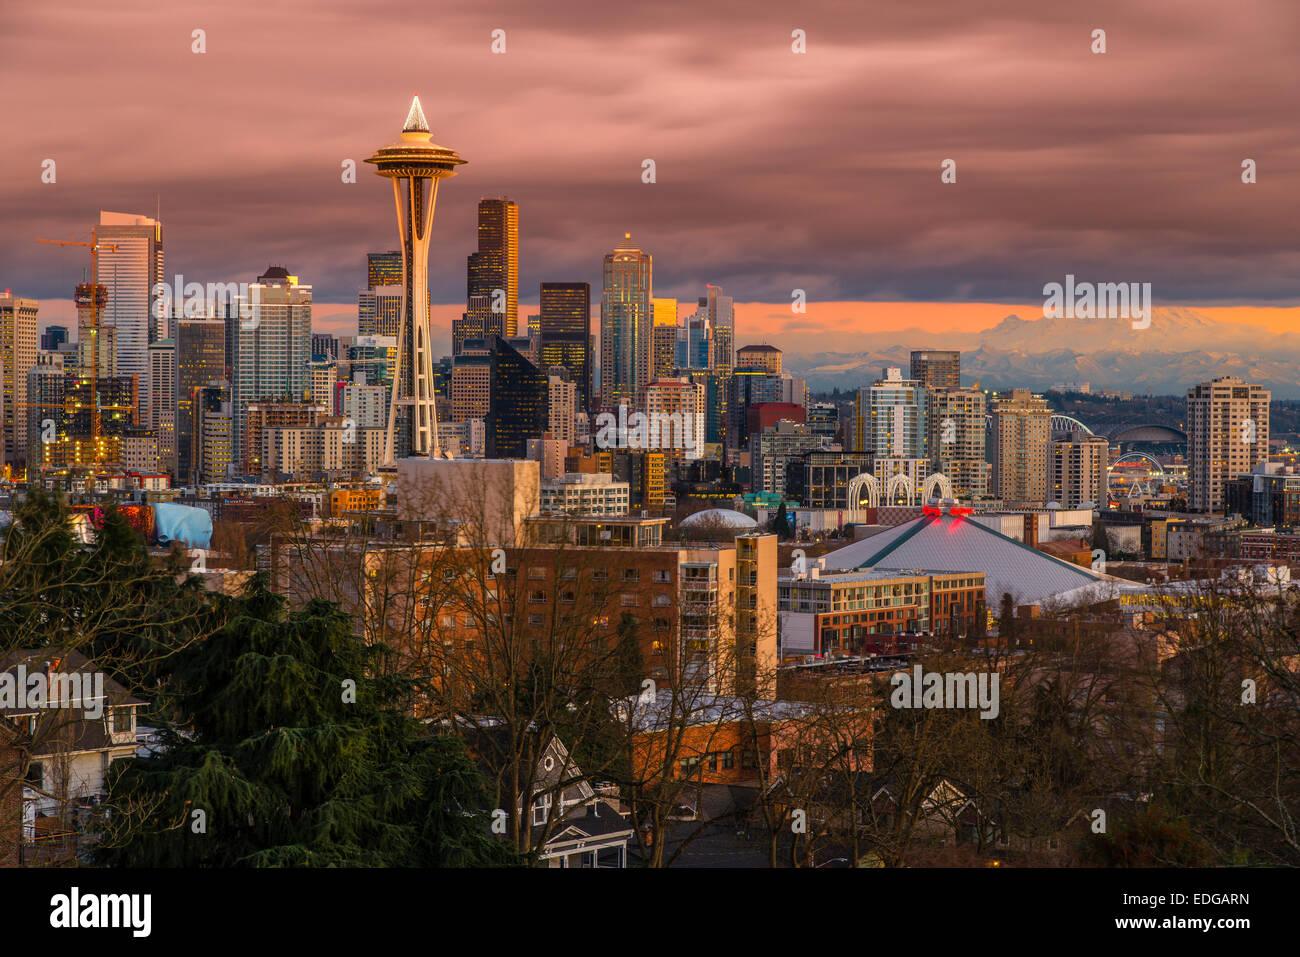 Skyline del centro con lo Space Needle al tramonto, Seattle, Washington, Stati Uniti d'America Immagini Stock